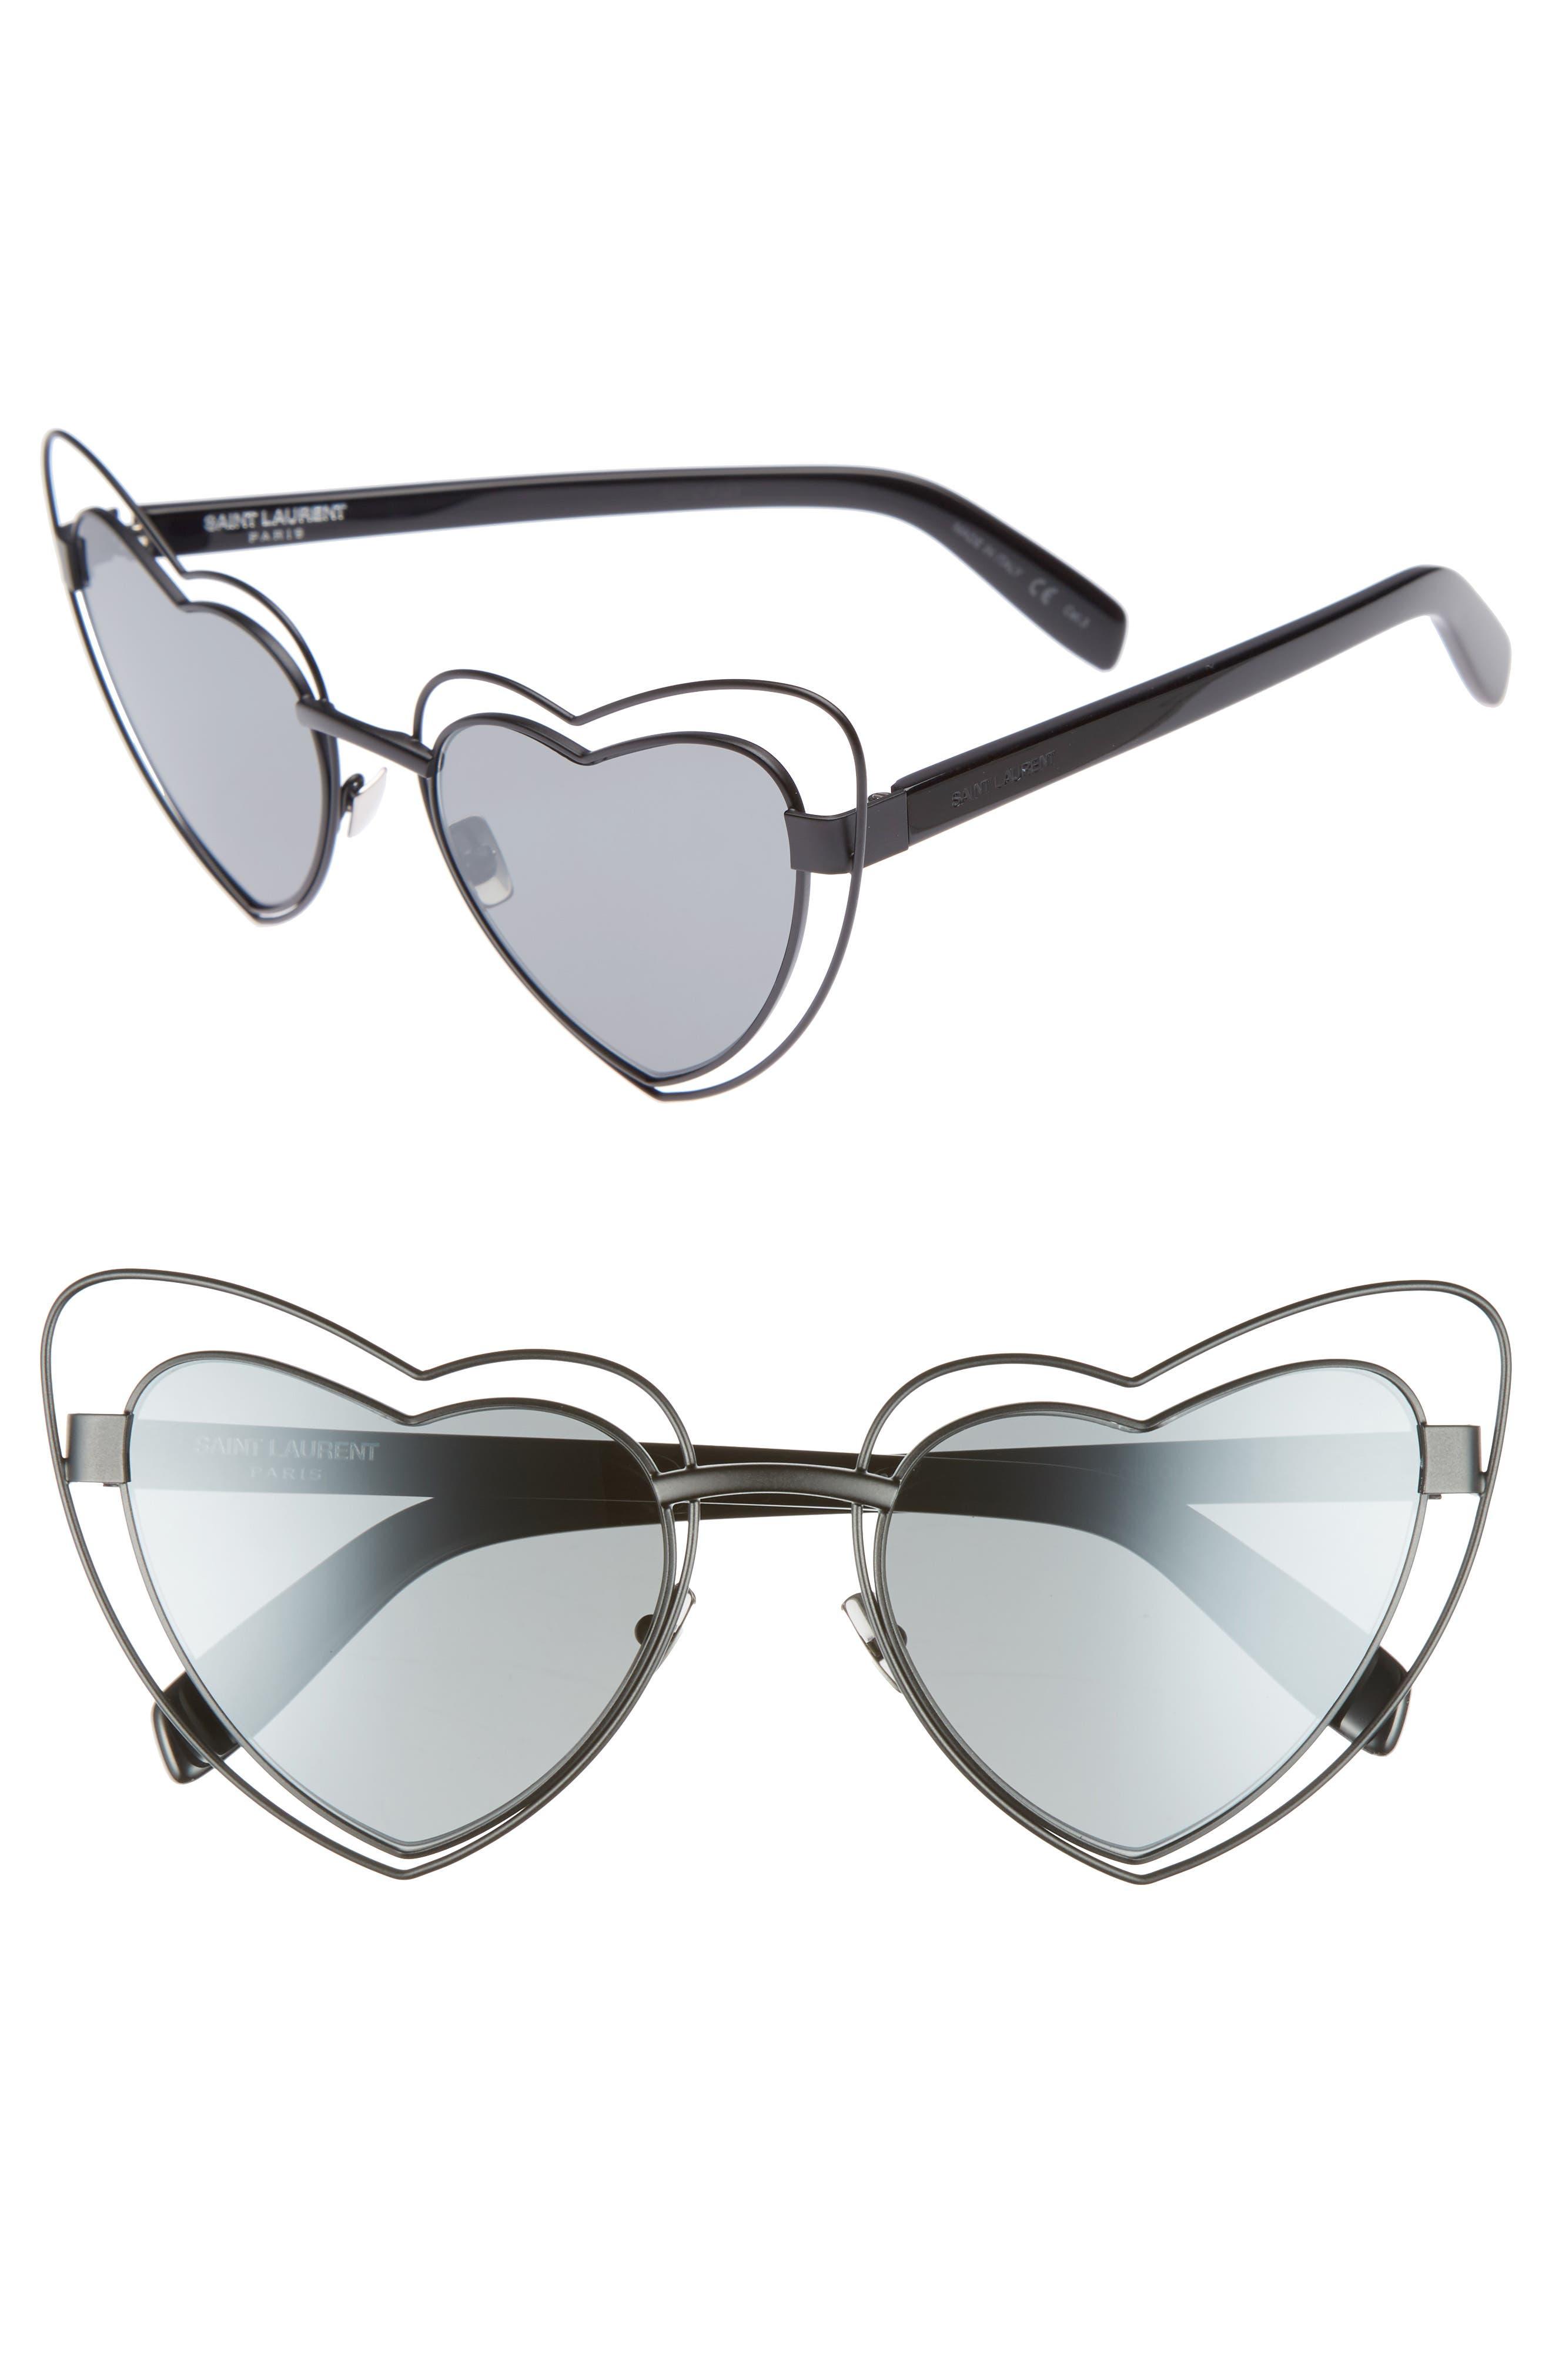 SL197 Loulou 57mm Heart Shaped Sunglasses,                             Main thumbnail 1, color,                             001